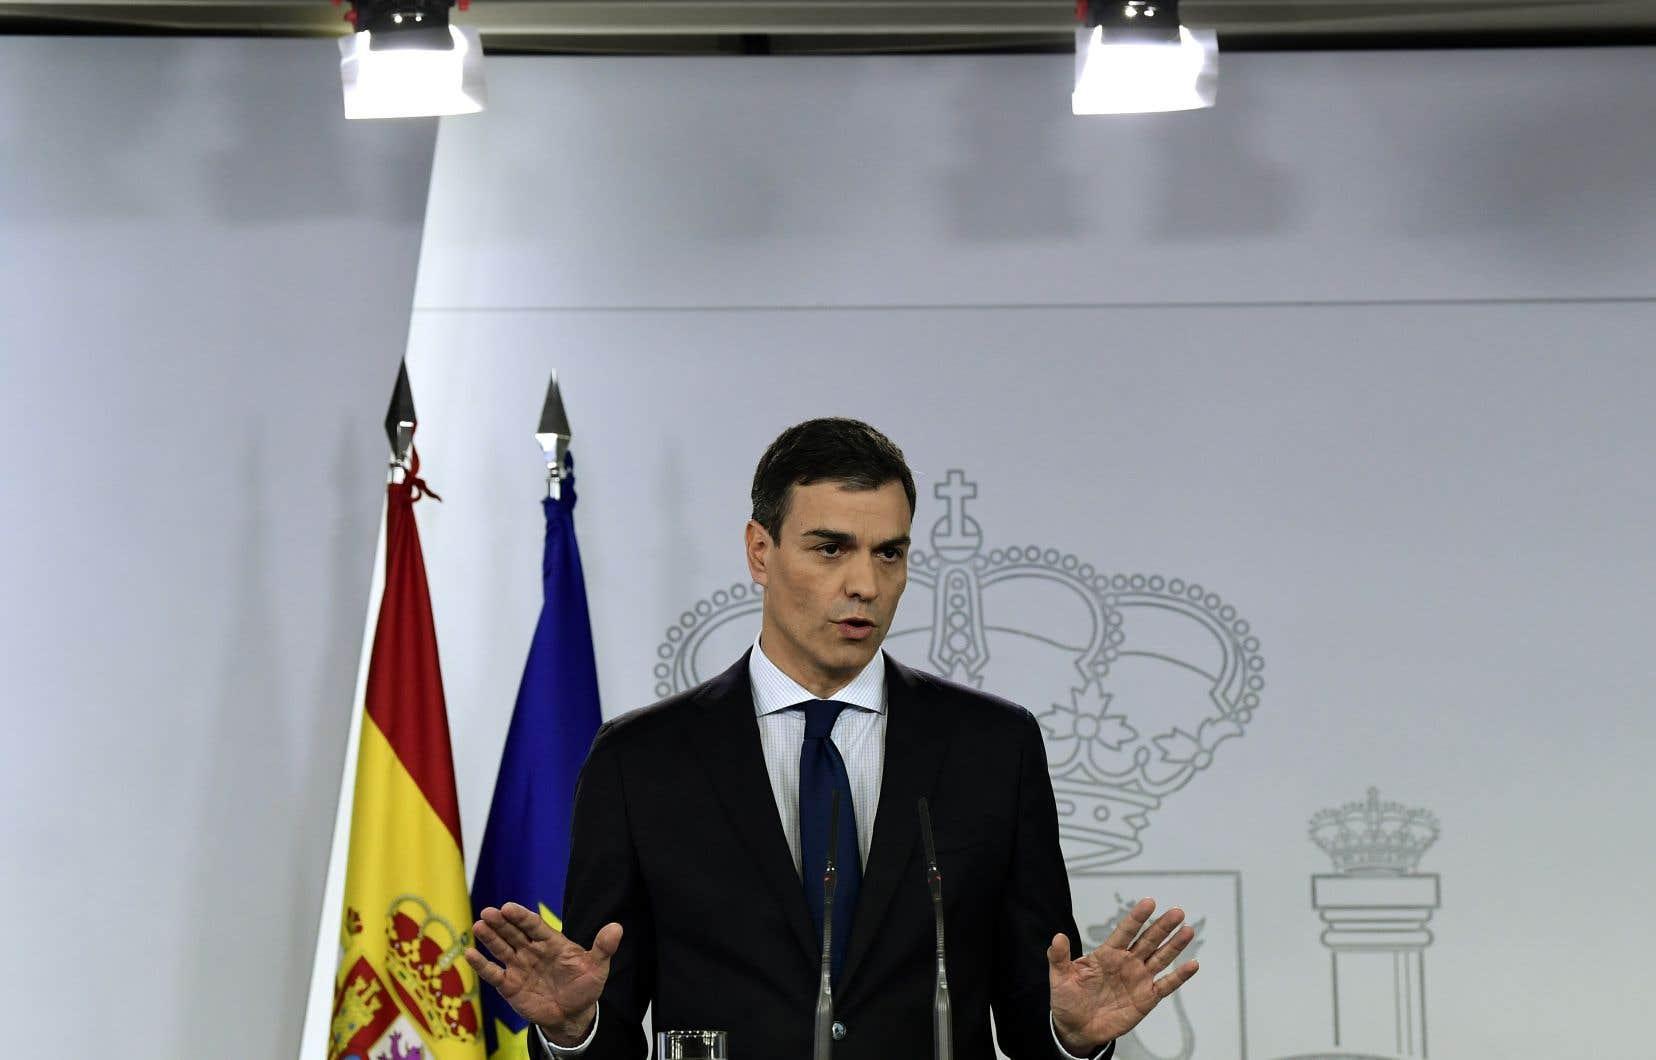 Le gouvernement socialiste de Pedro Sanchez entreprendra une réforme intégrale de la loi de mémoire historique adoptée en 2007.